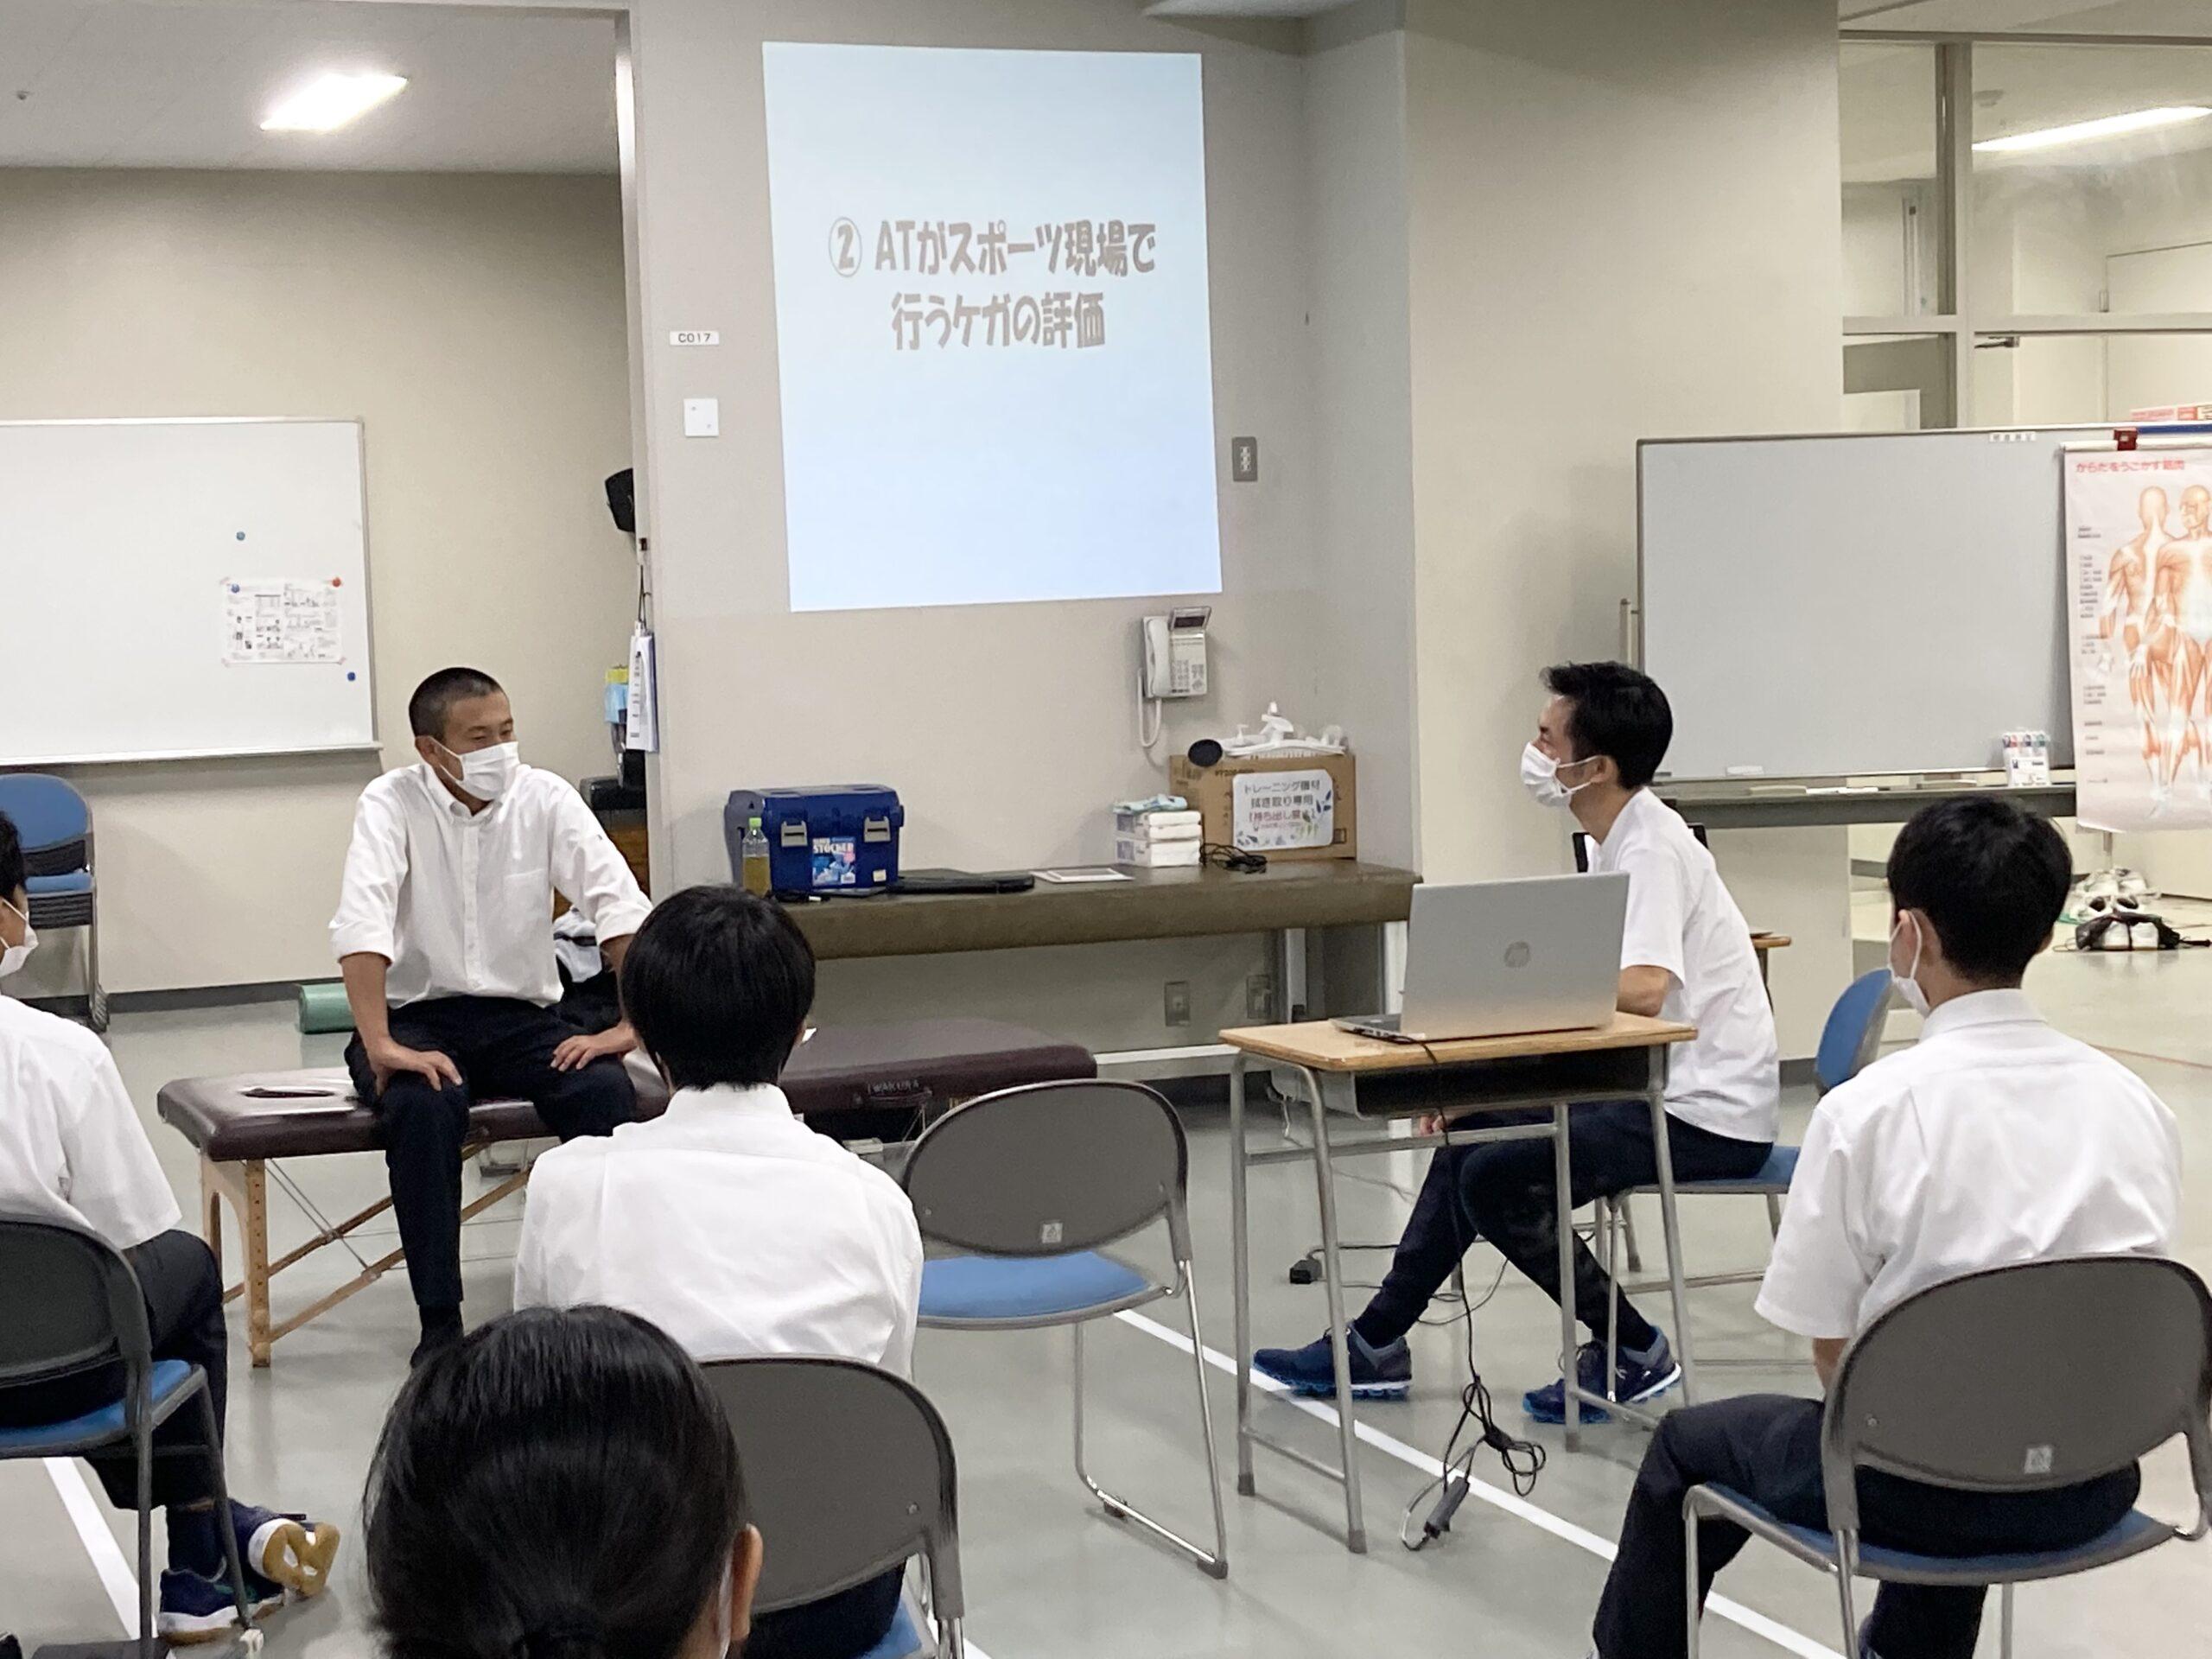 岩倉高等学校でのスクールアスレティックトレーナー活動